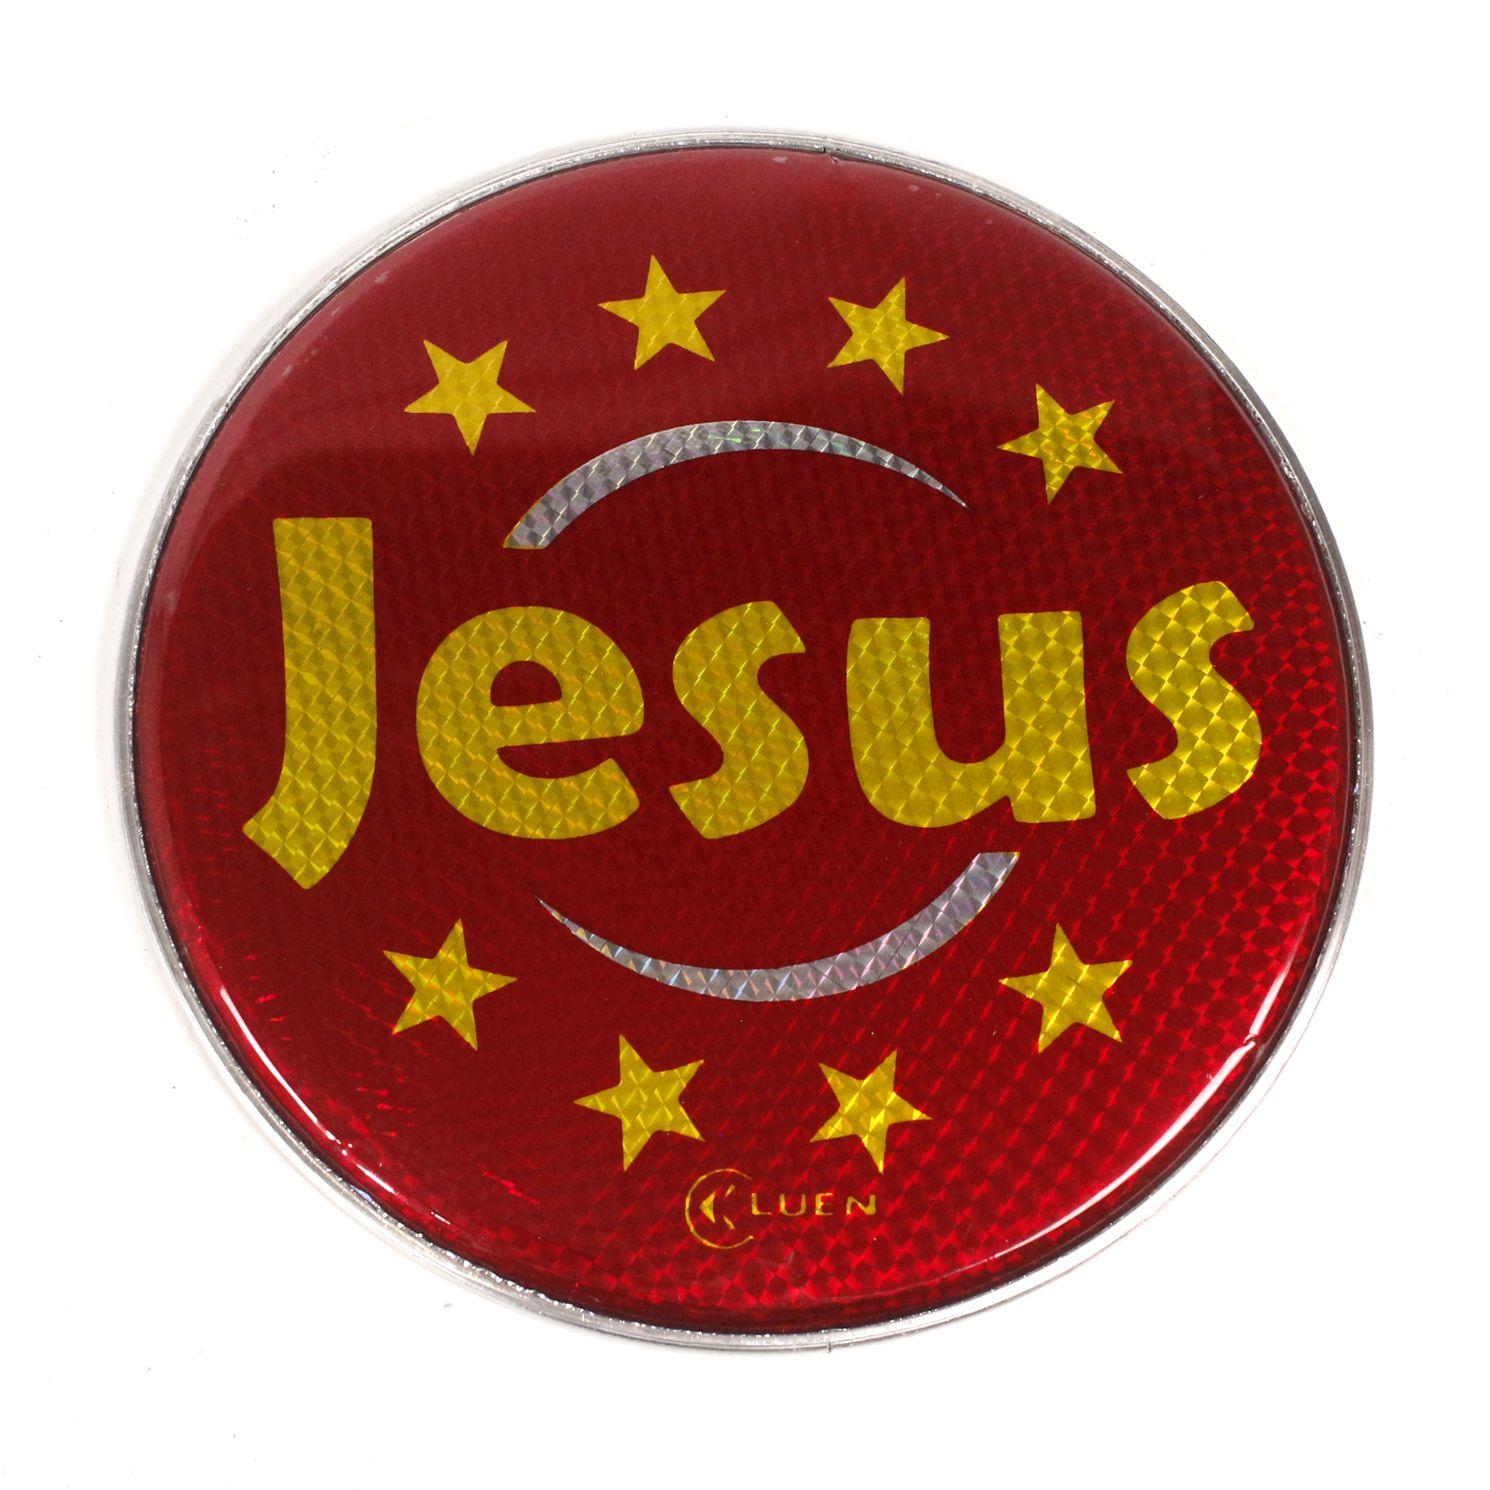 Pele Holografica Jesus Vermelho de 10 Polegadas da Luen para Pandeiro 10